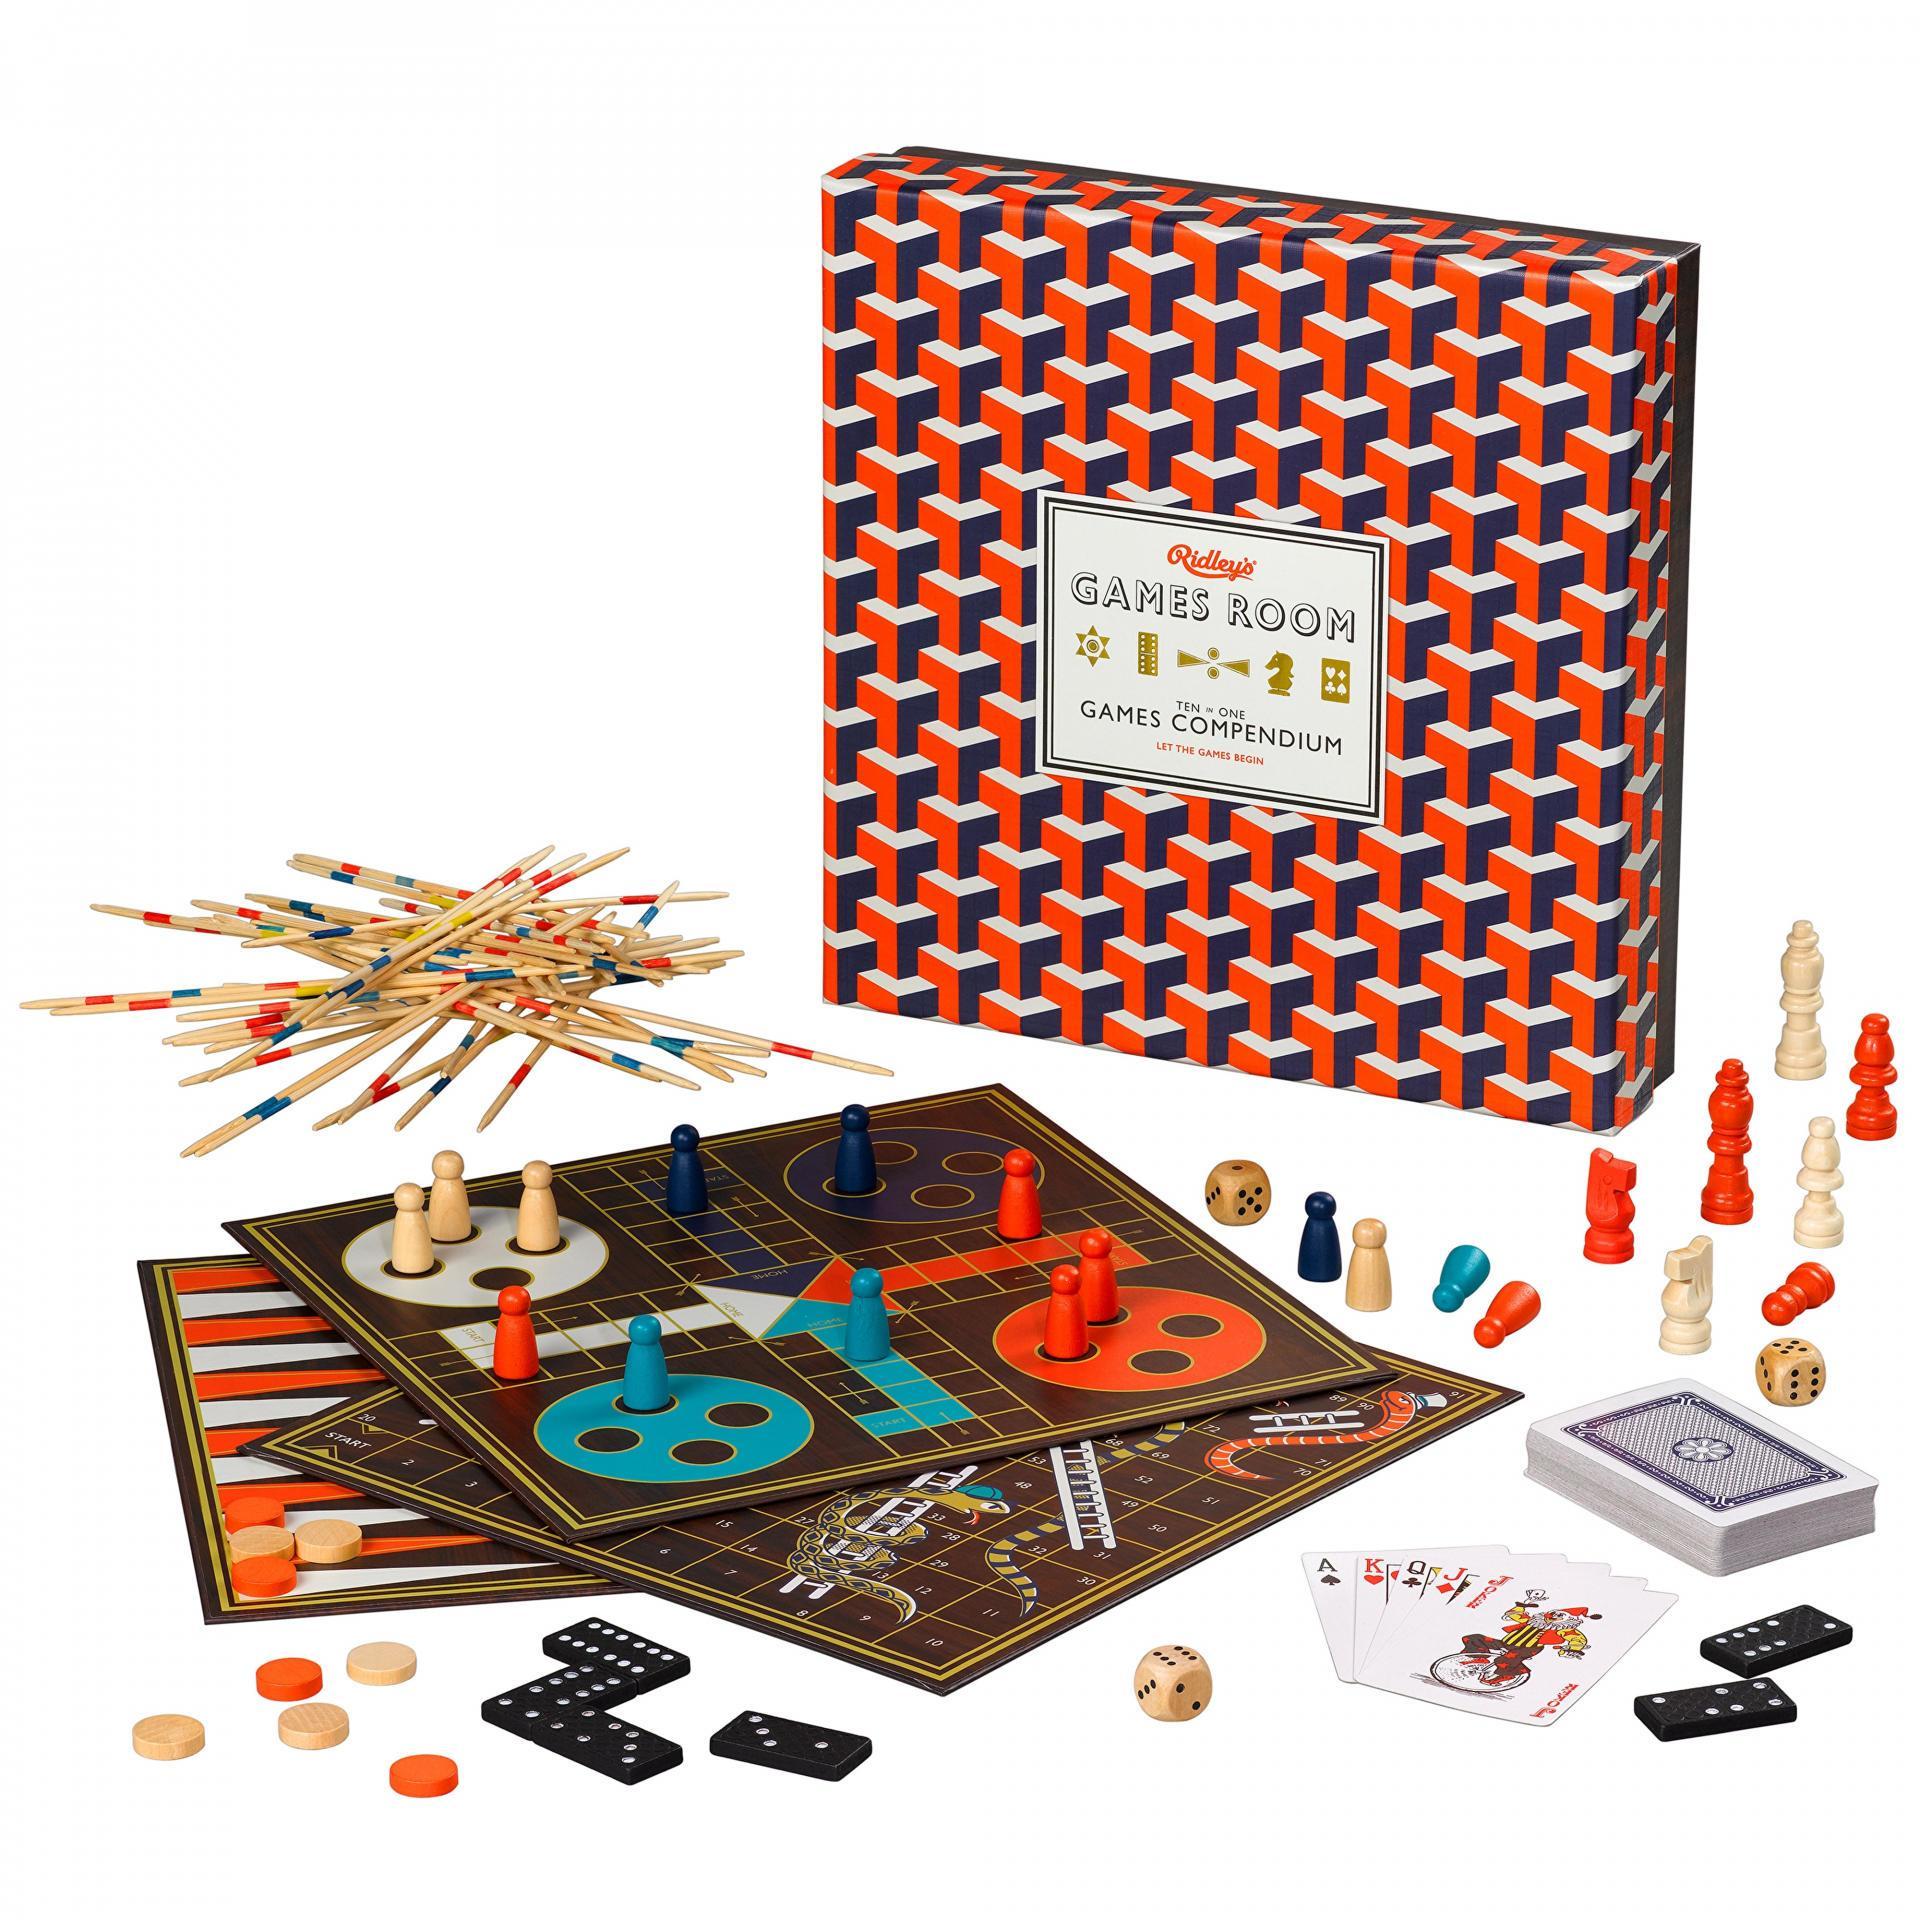 Ridley's Games Room Sada deskových her 10v1, červená barva, dřevo, papír